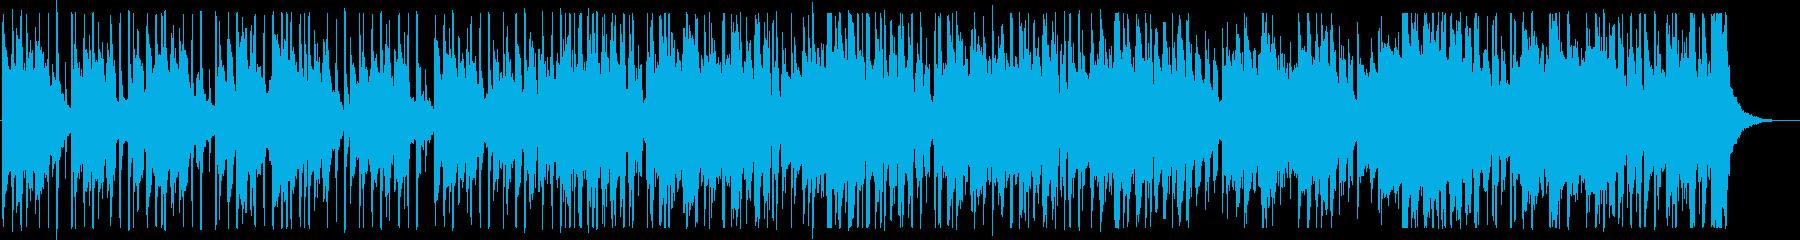 涼しげな夏のカフェBGM_No584_4の再生済みの波形